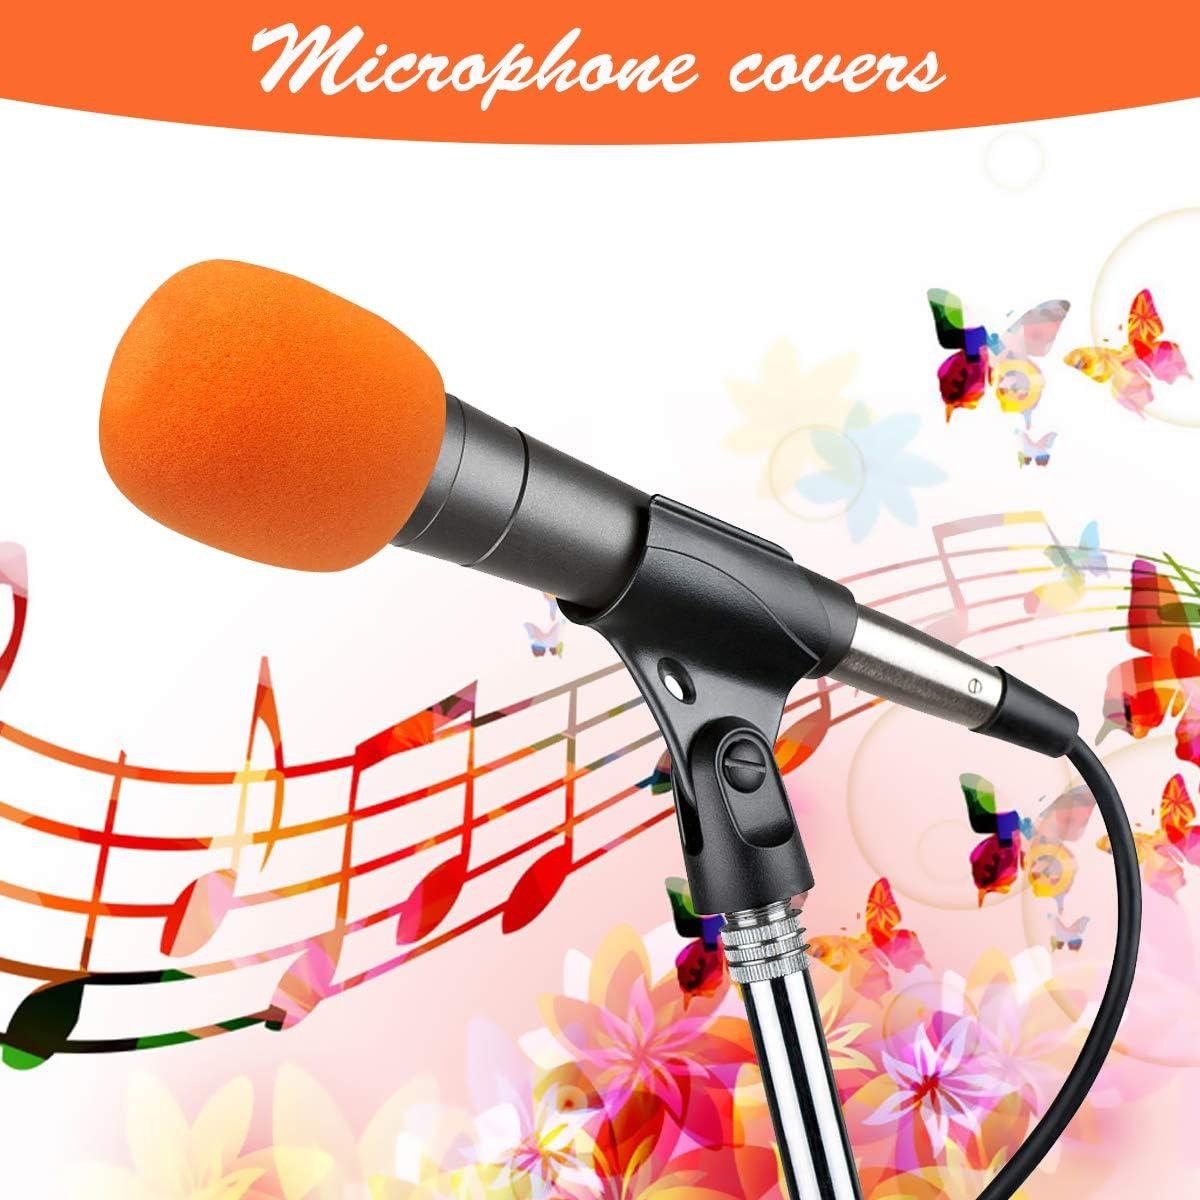 BoloShine Universale Coperture di Microfono Filtro Antivento per Microfono per Aula Sala Conferenze Interviste ai Notiziari Performance Sul Palco 10 Pezzi Multicolore Microfono Antivento